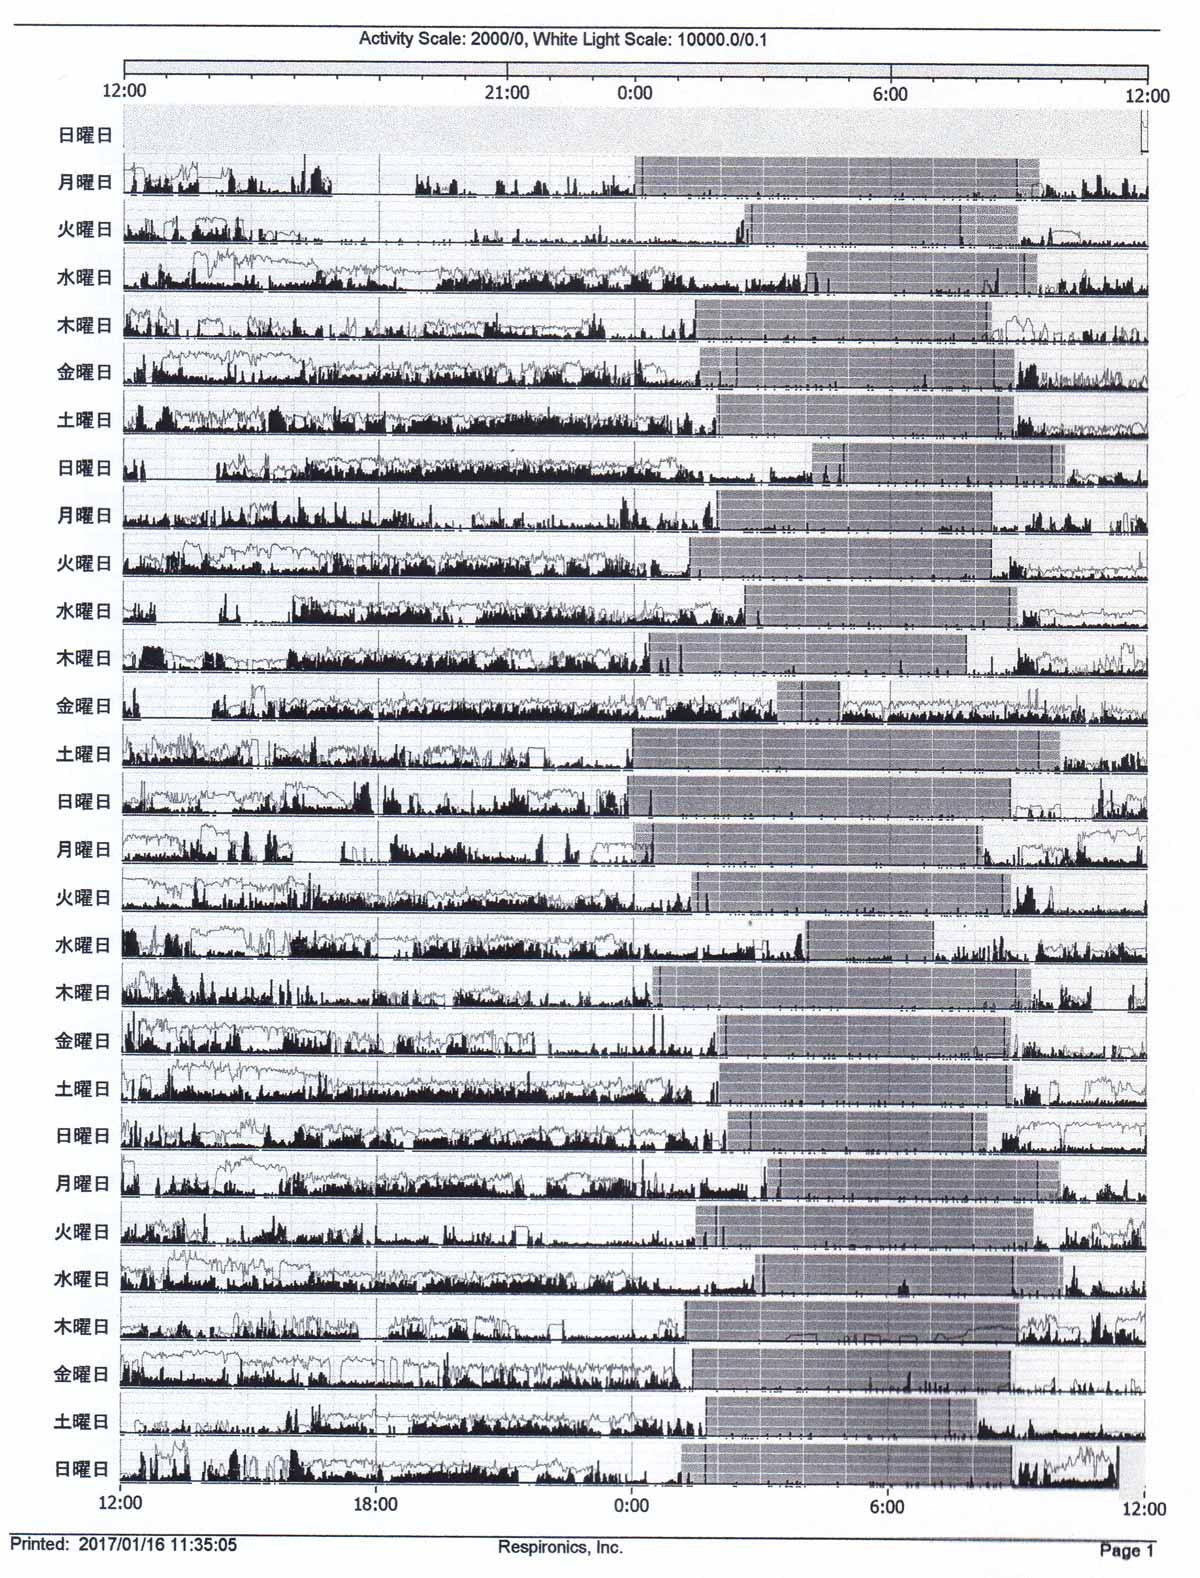 睡眠外来で測定した睡眠データ